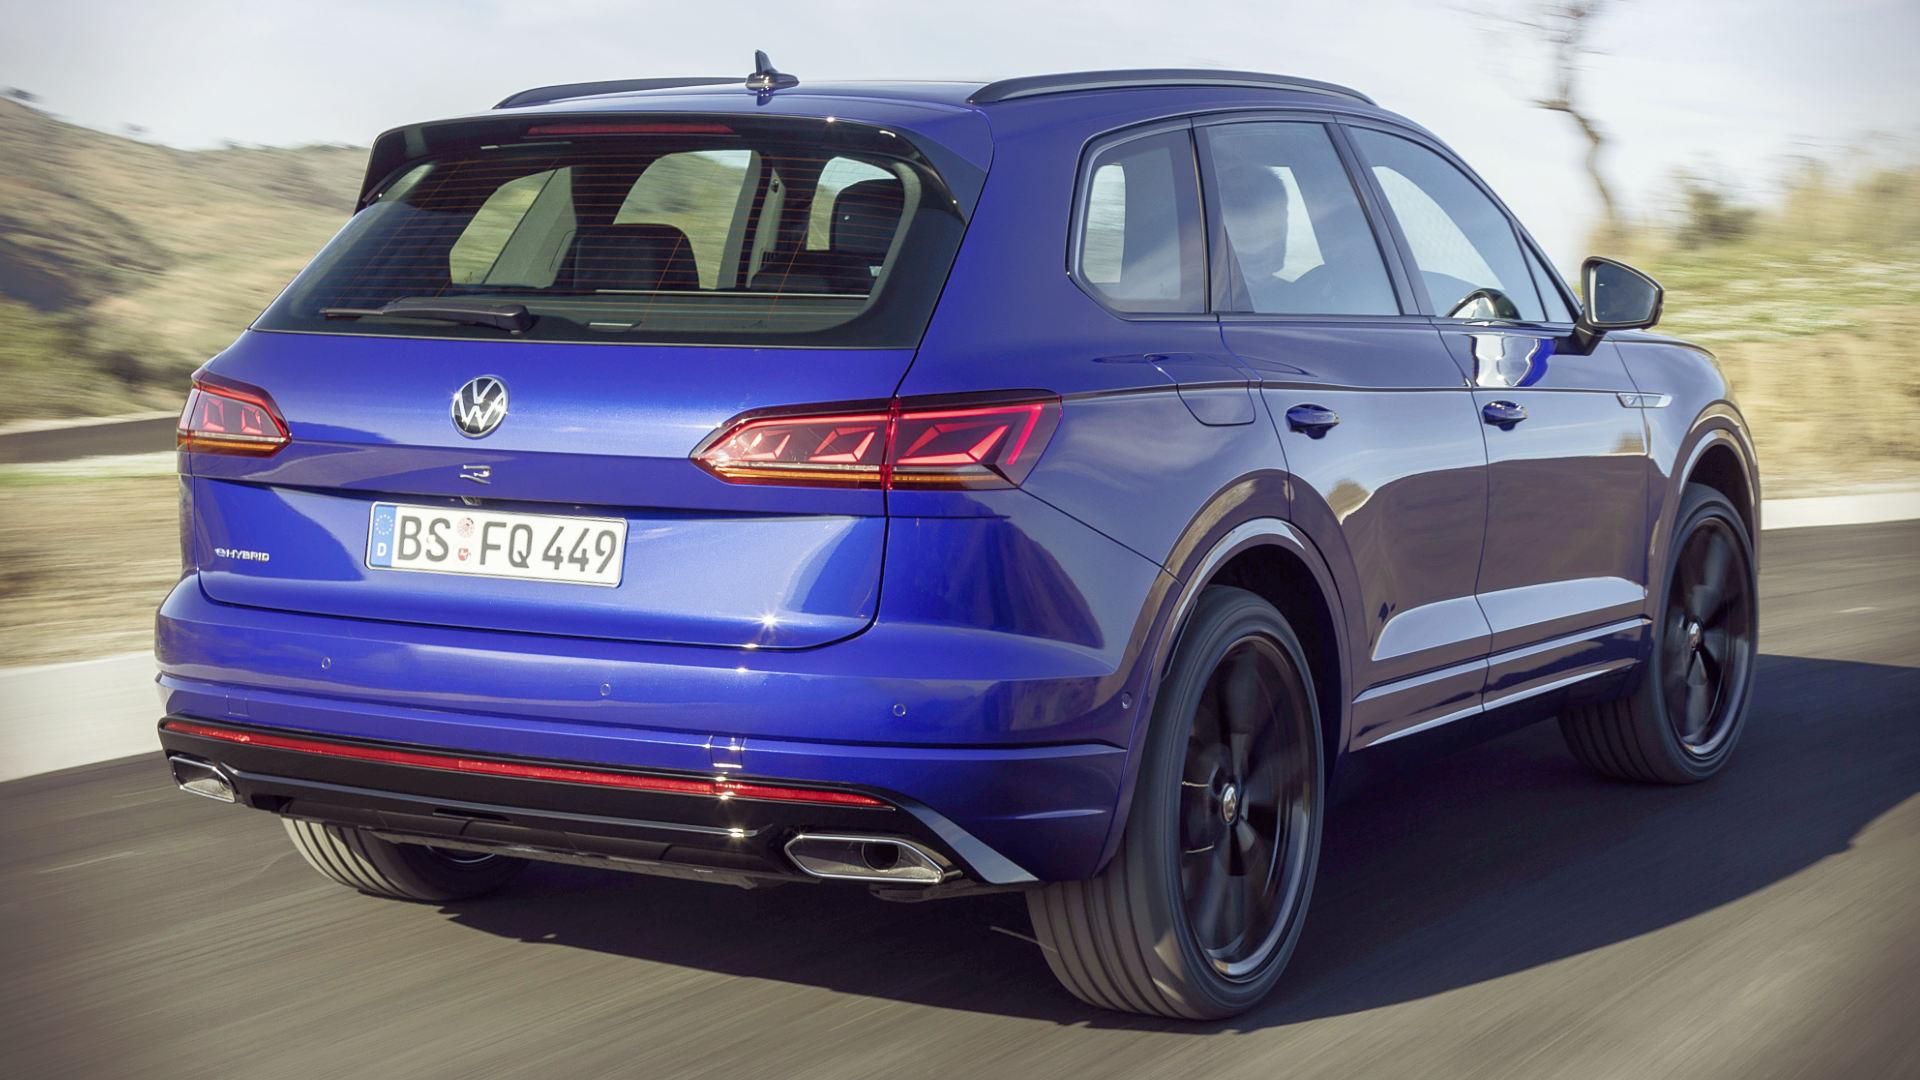 Volkswagen Touareg R Plug In Hybrid 2021 Back Wallpaper